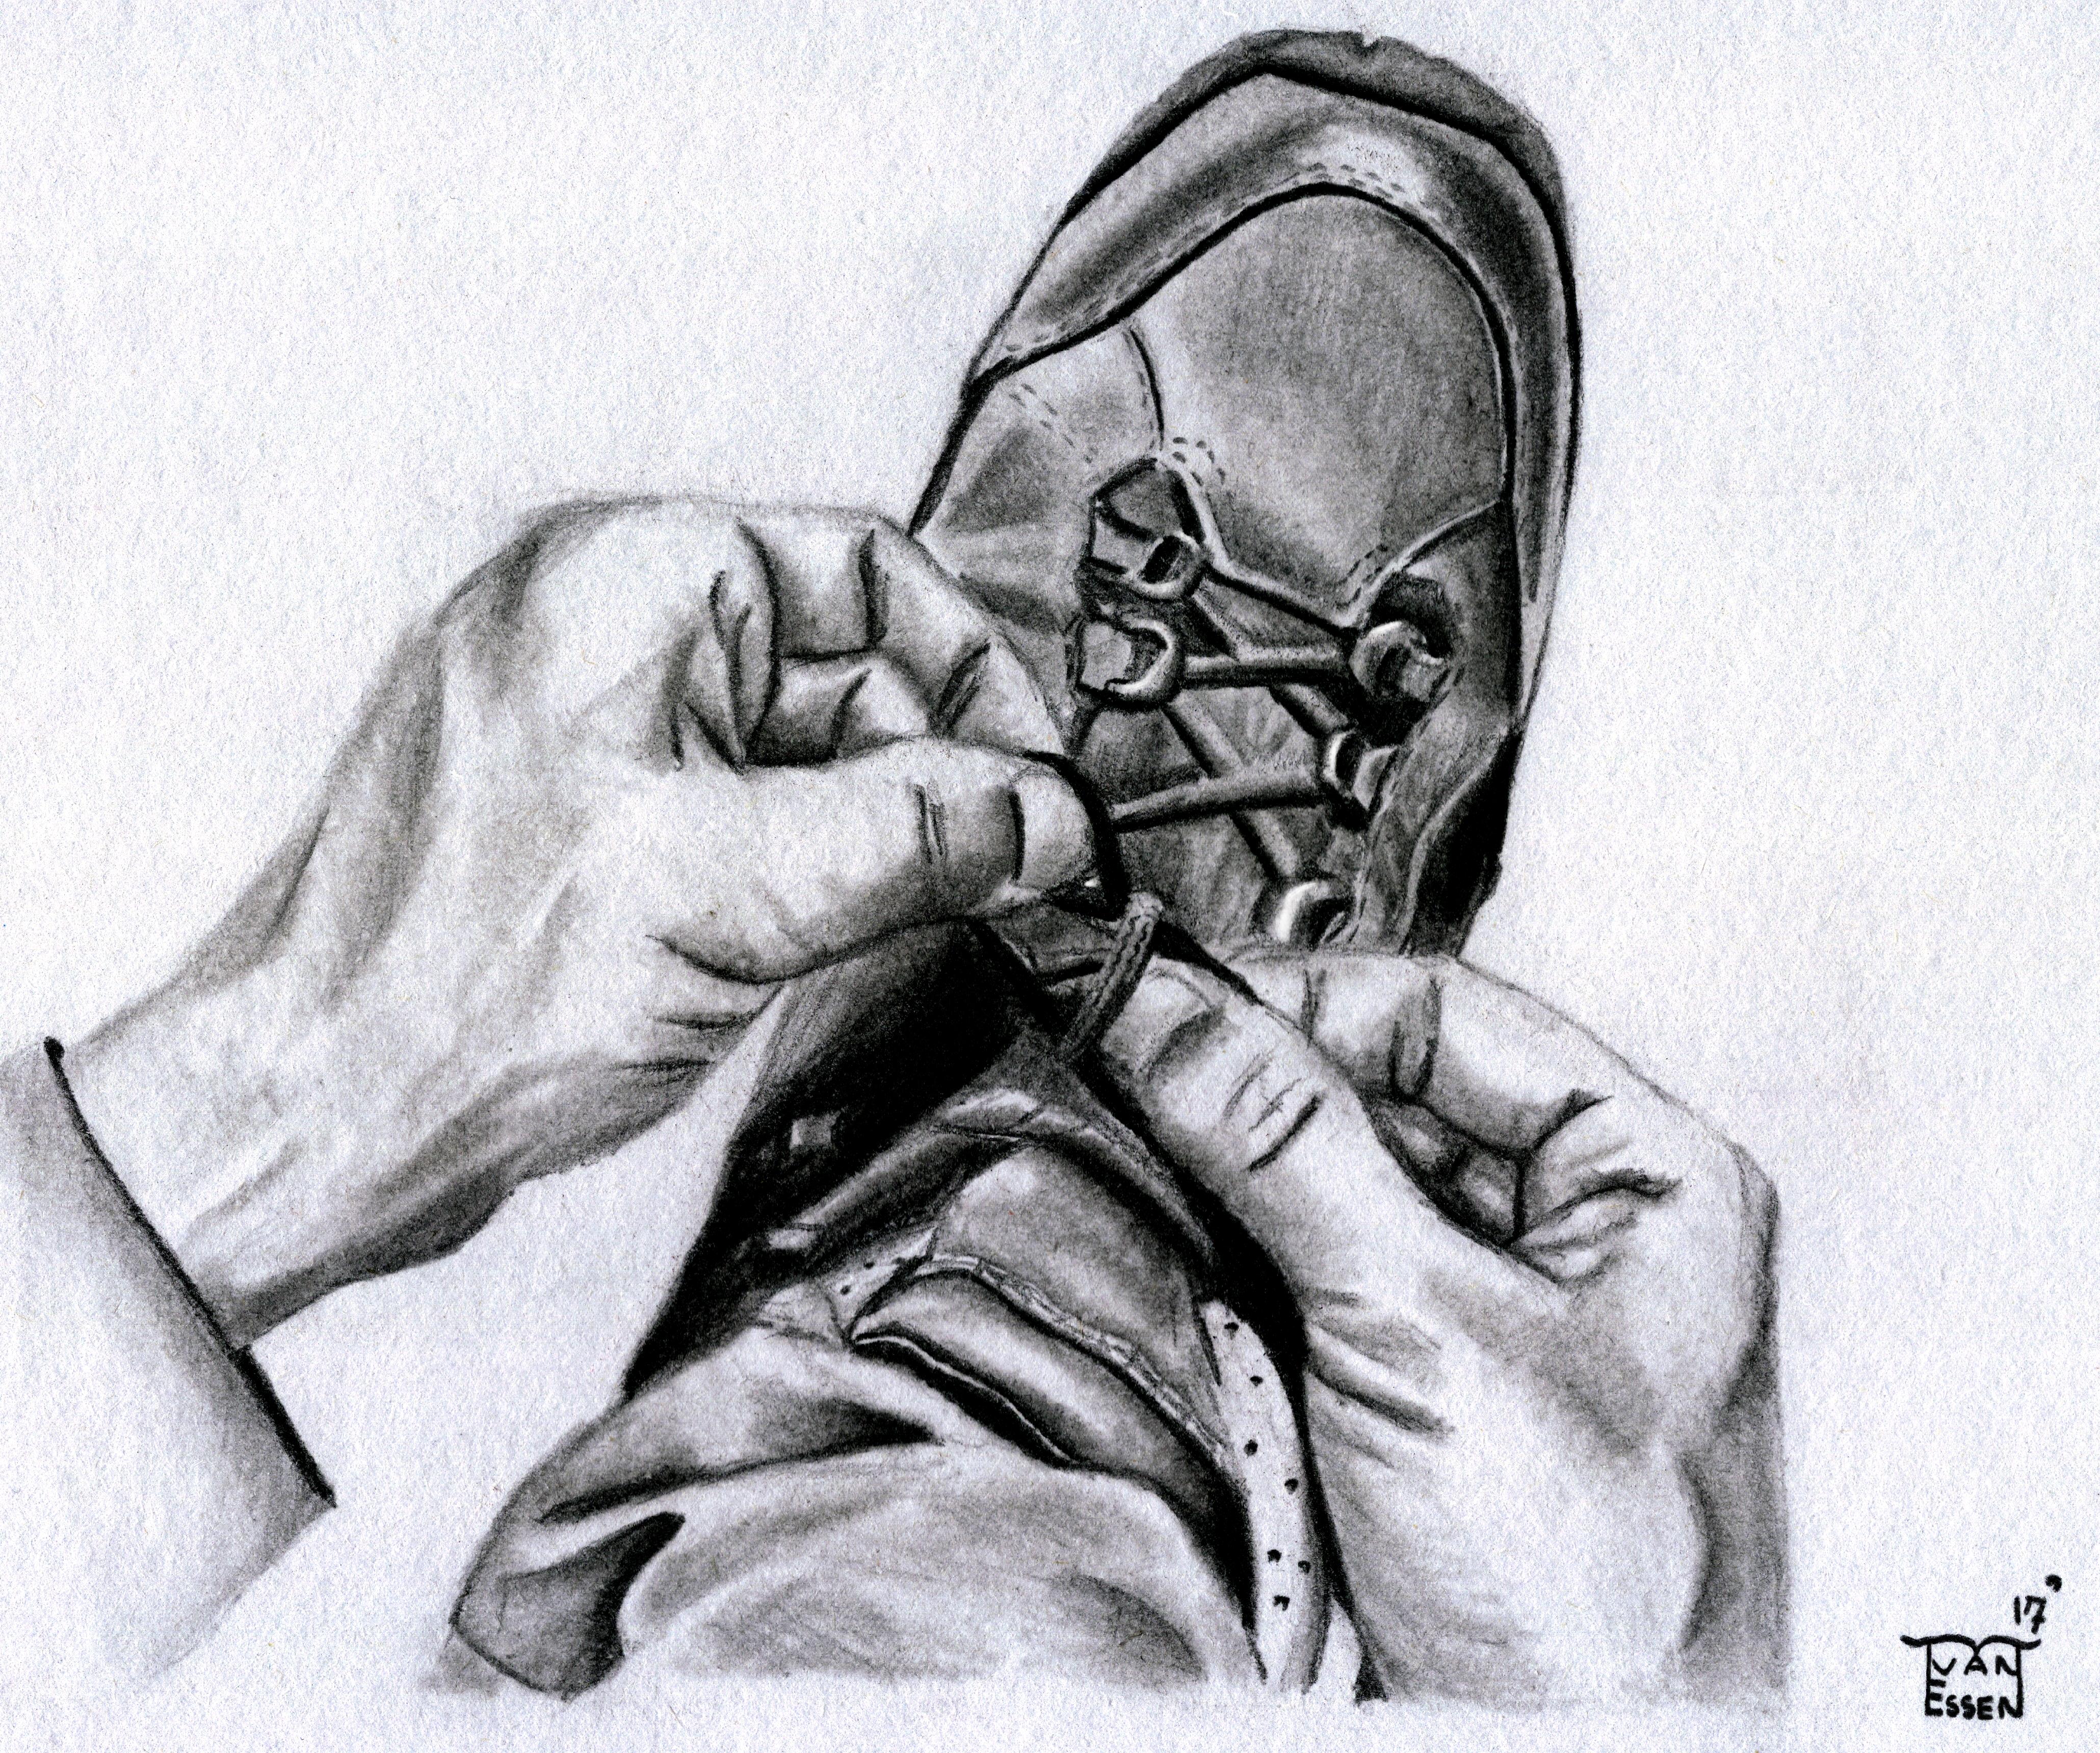 Tekening van handen die een strik maken